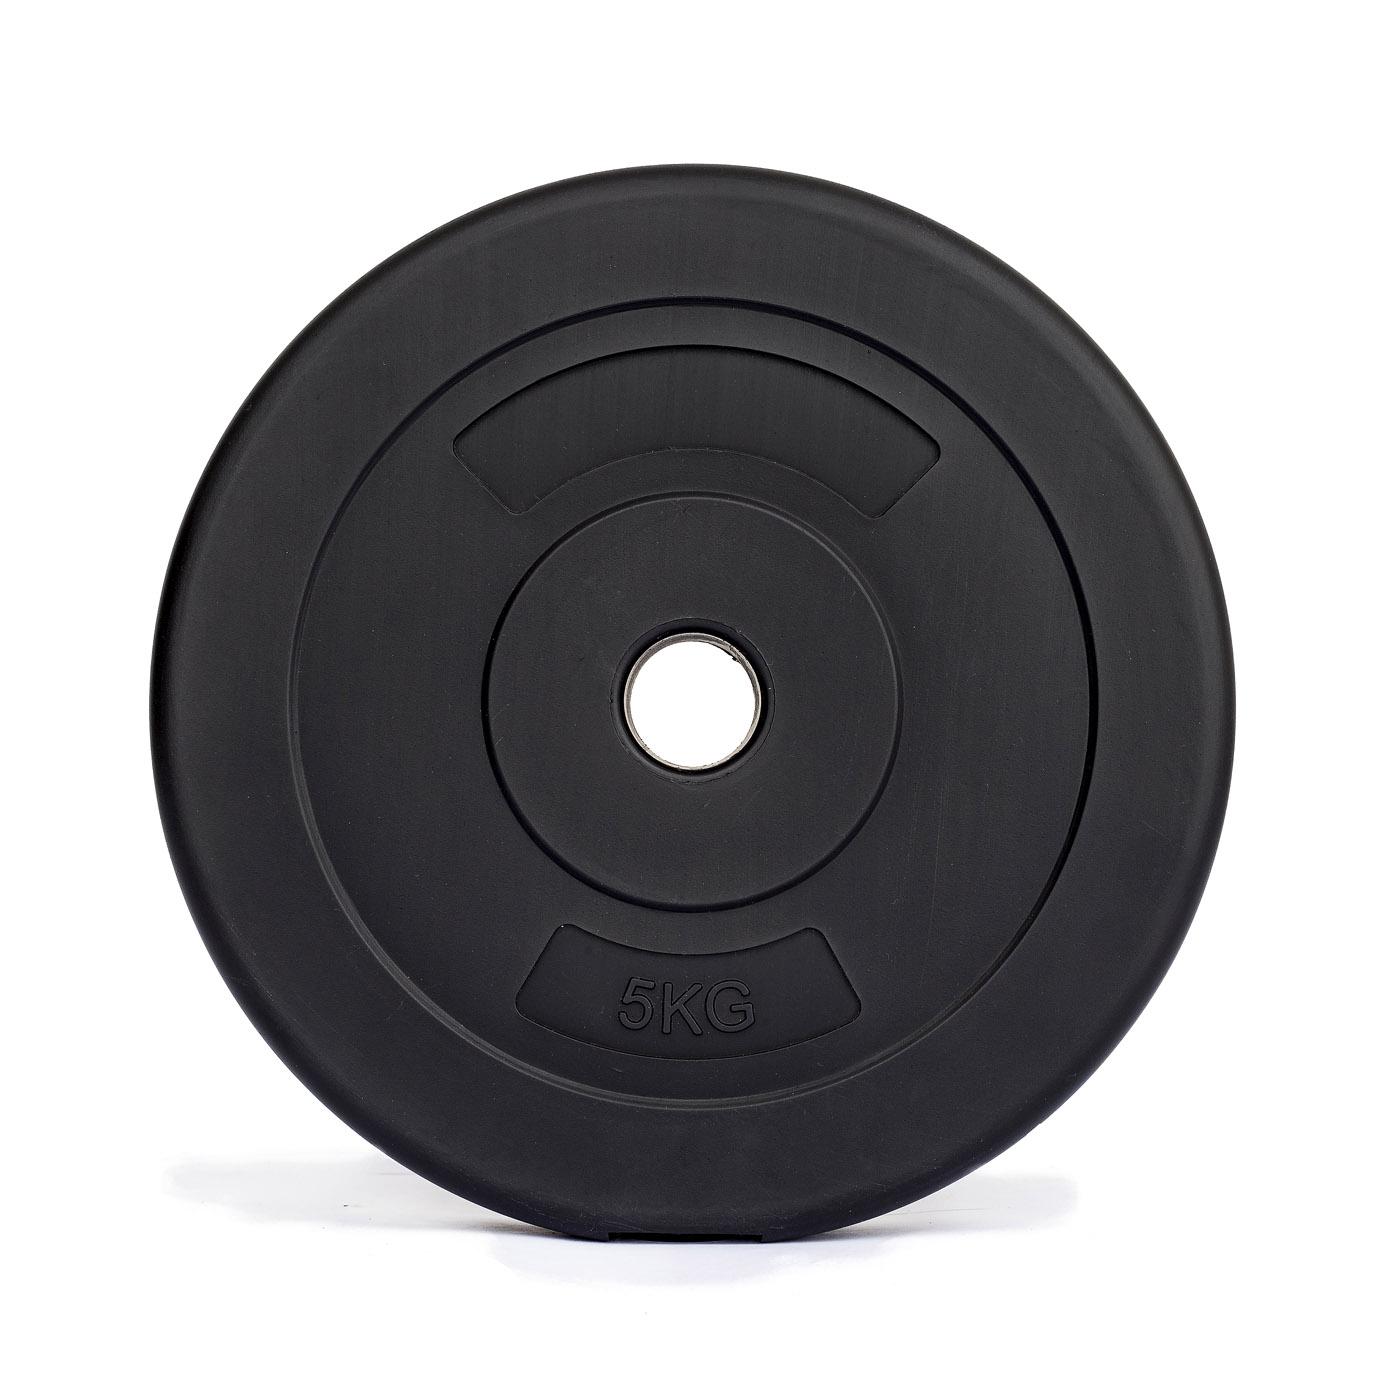 Kotouč cementový TRINFIT 5 kg / 30 mm